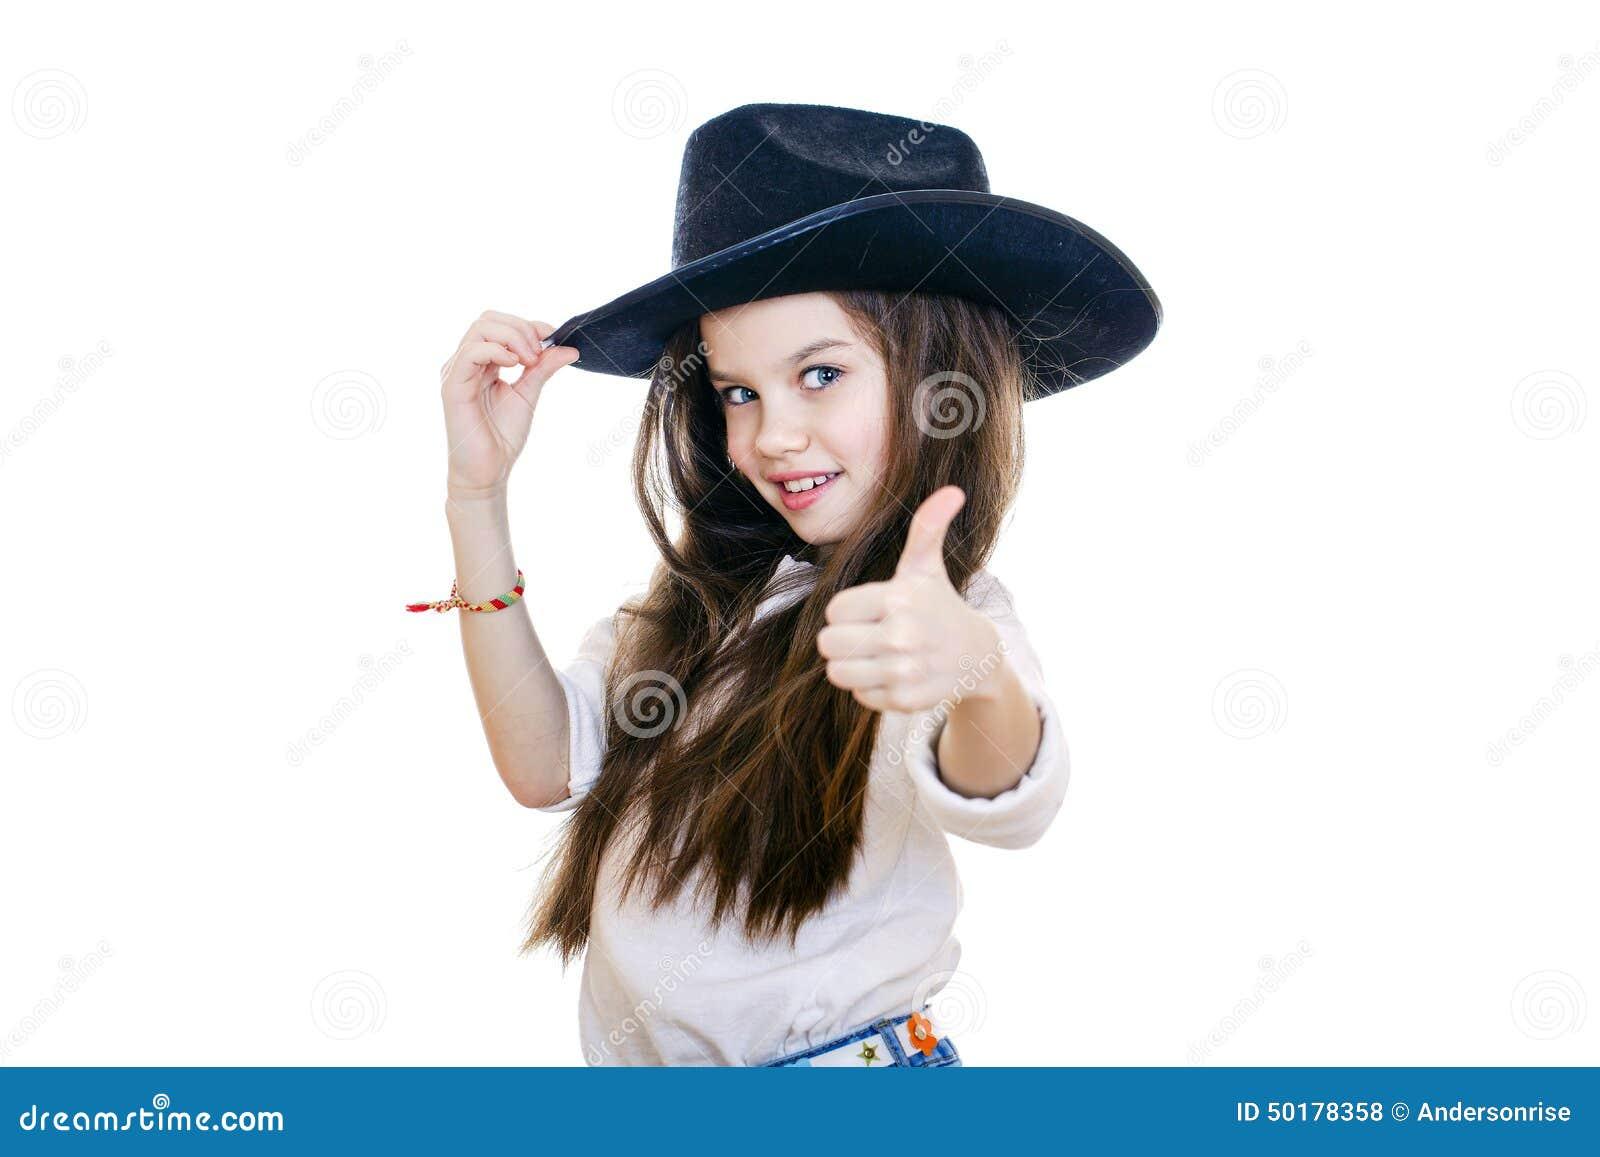 Πορτρέτο ενός όμορφου μικρού κοριτσιού σε ένα μαύρο καπέλο κάουμποϋ